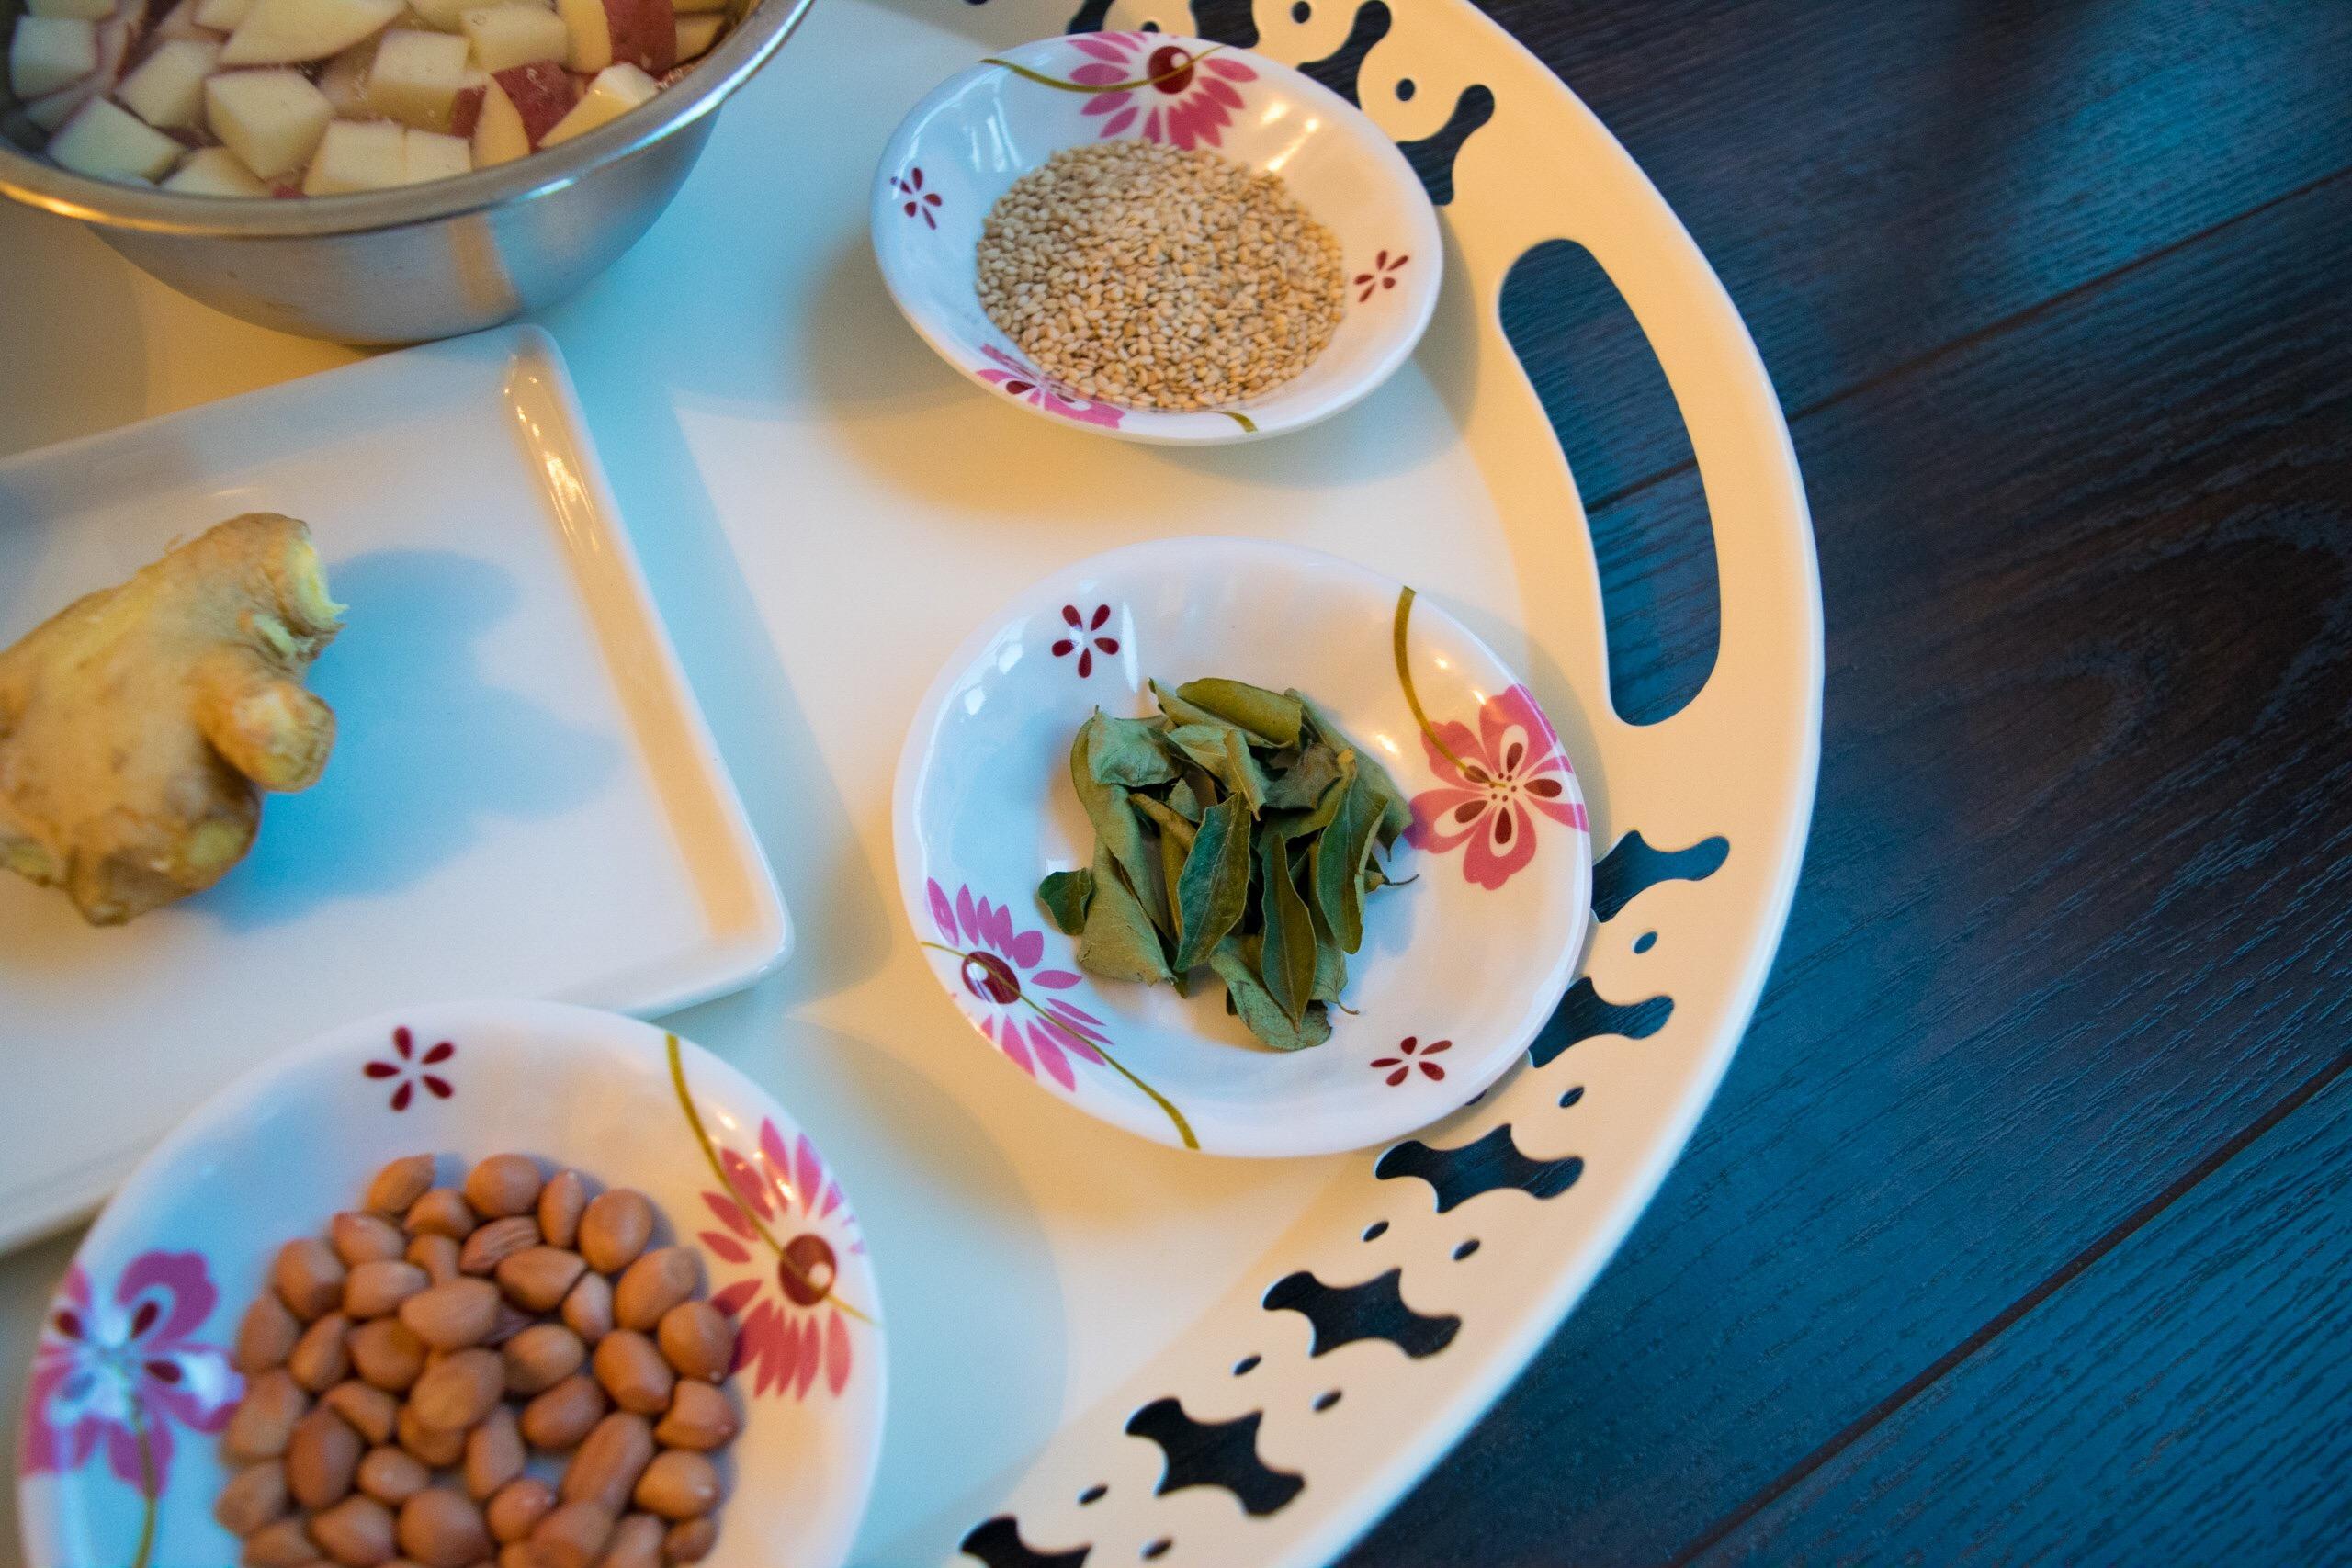 Sesame seeds, Curry leaves, Peanuts